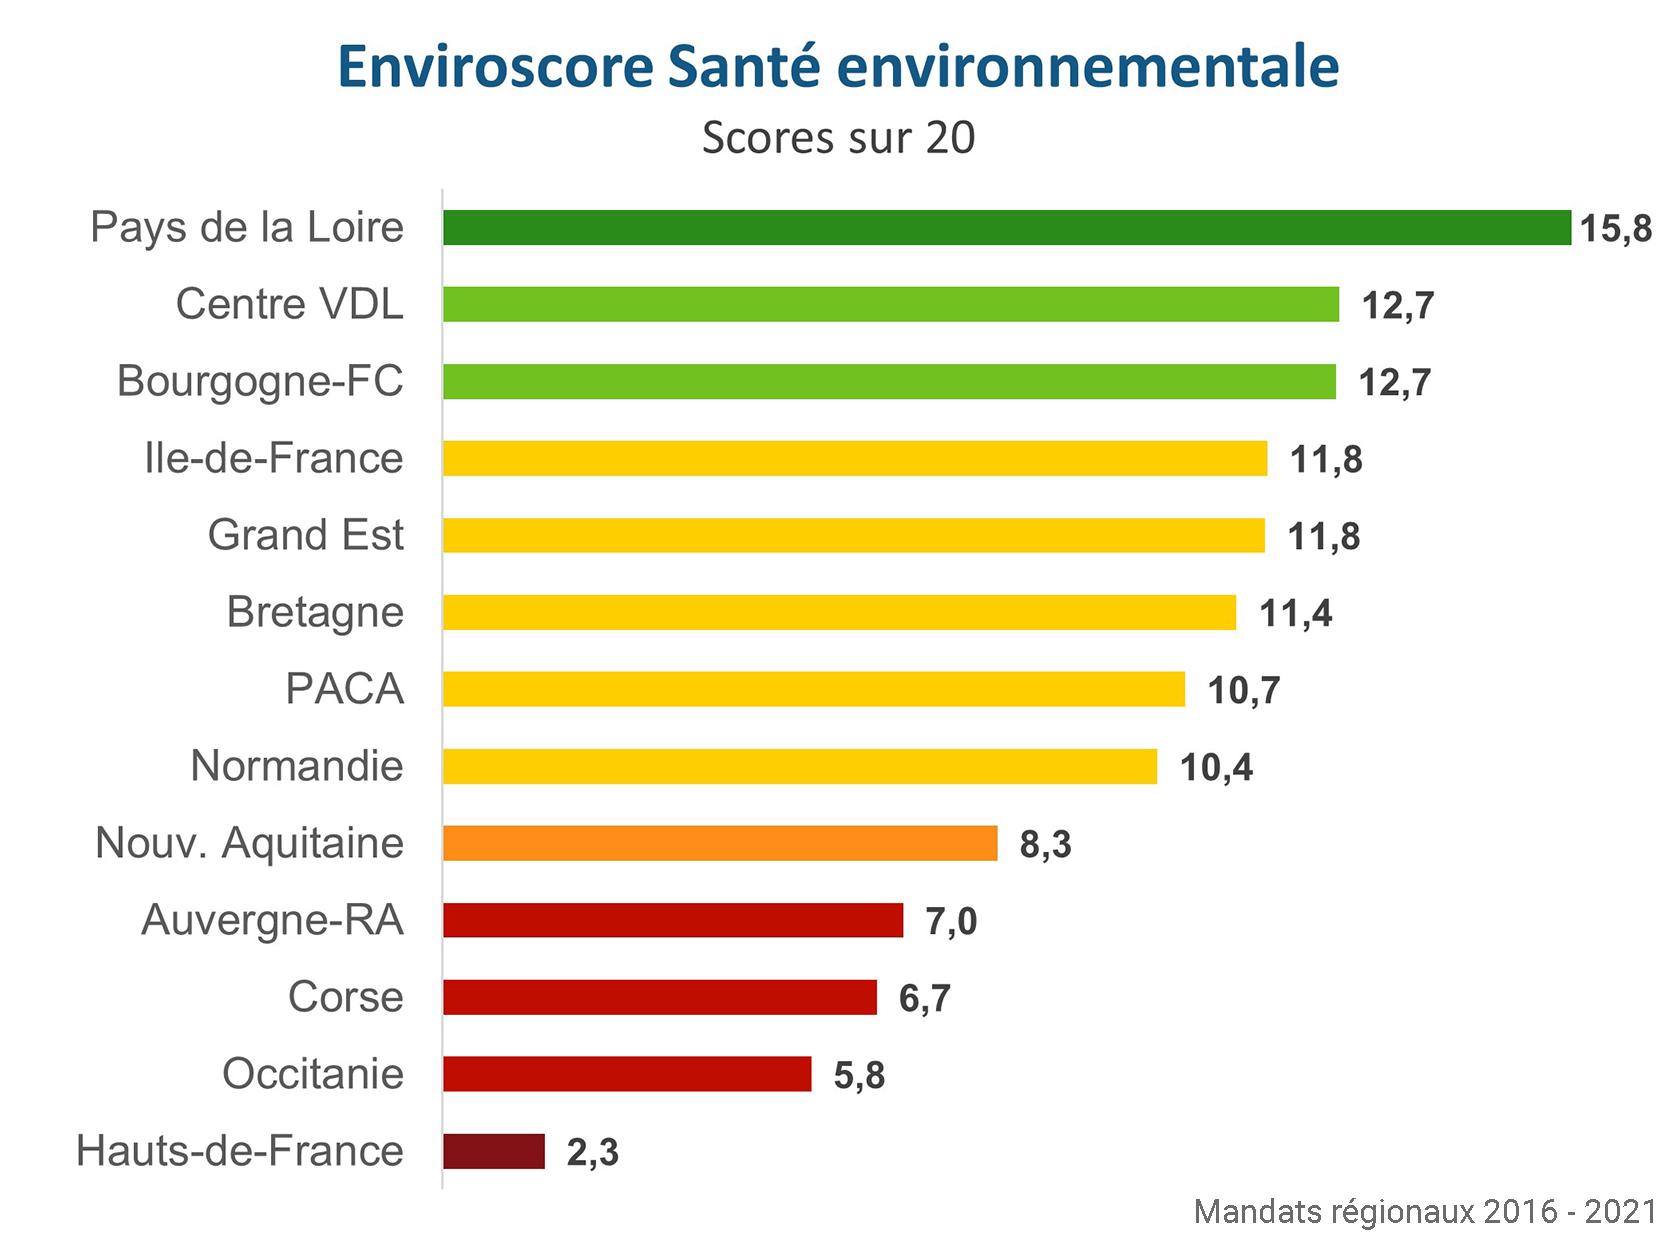 Palmarès Santé environnementale